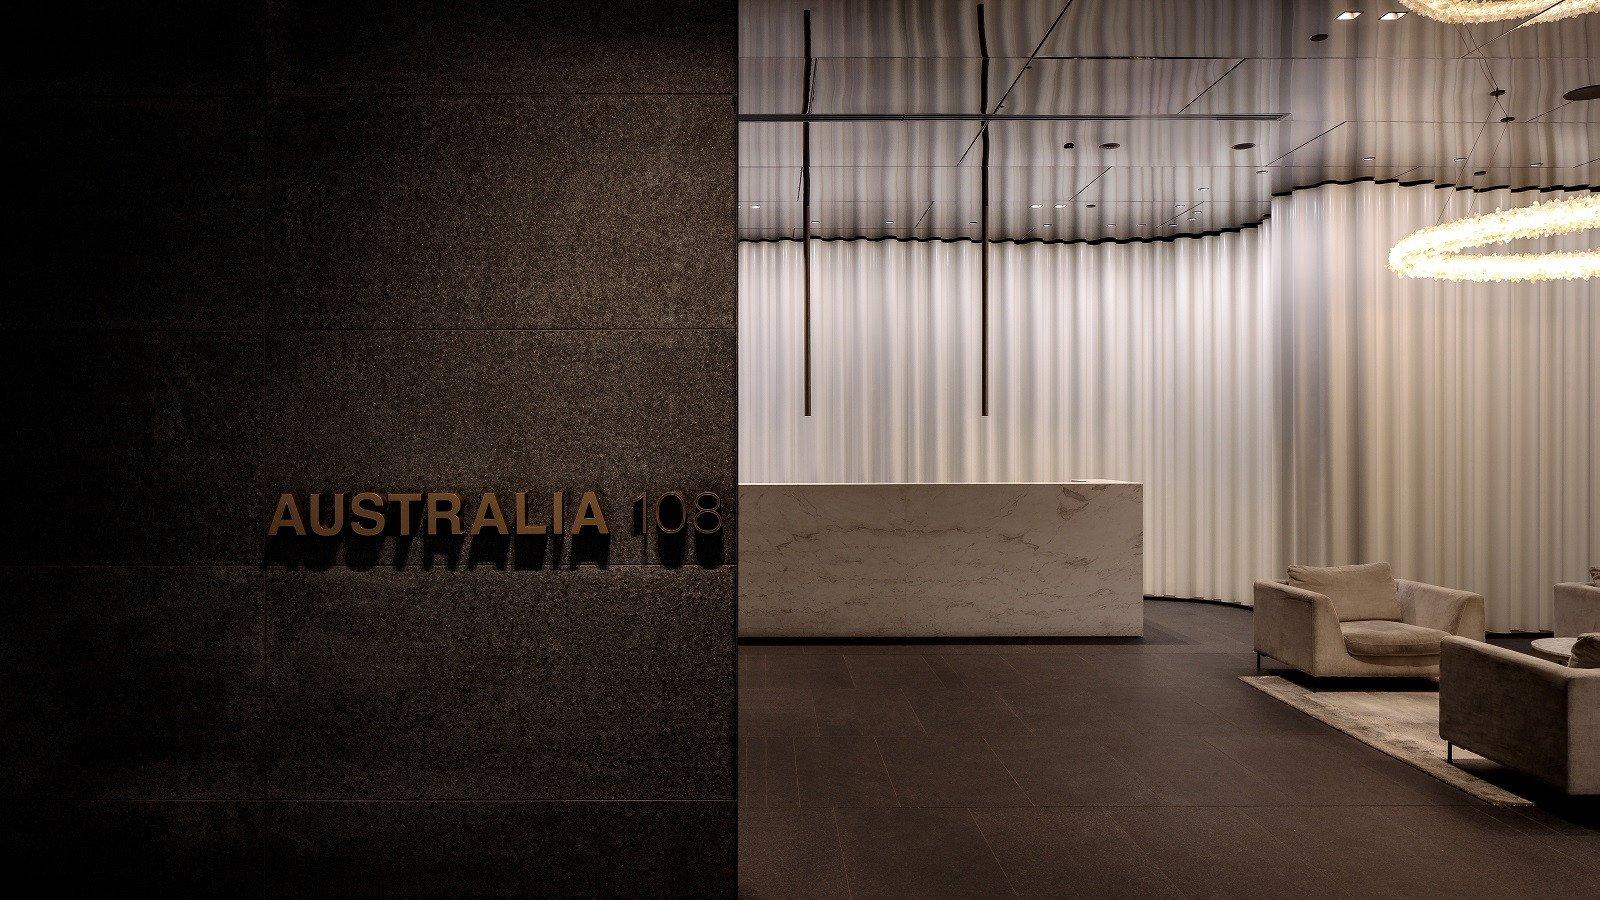 Australia 108 - Sky Rise-image-7